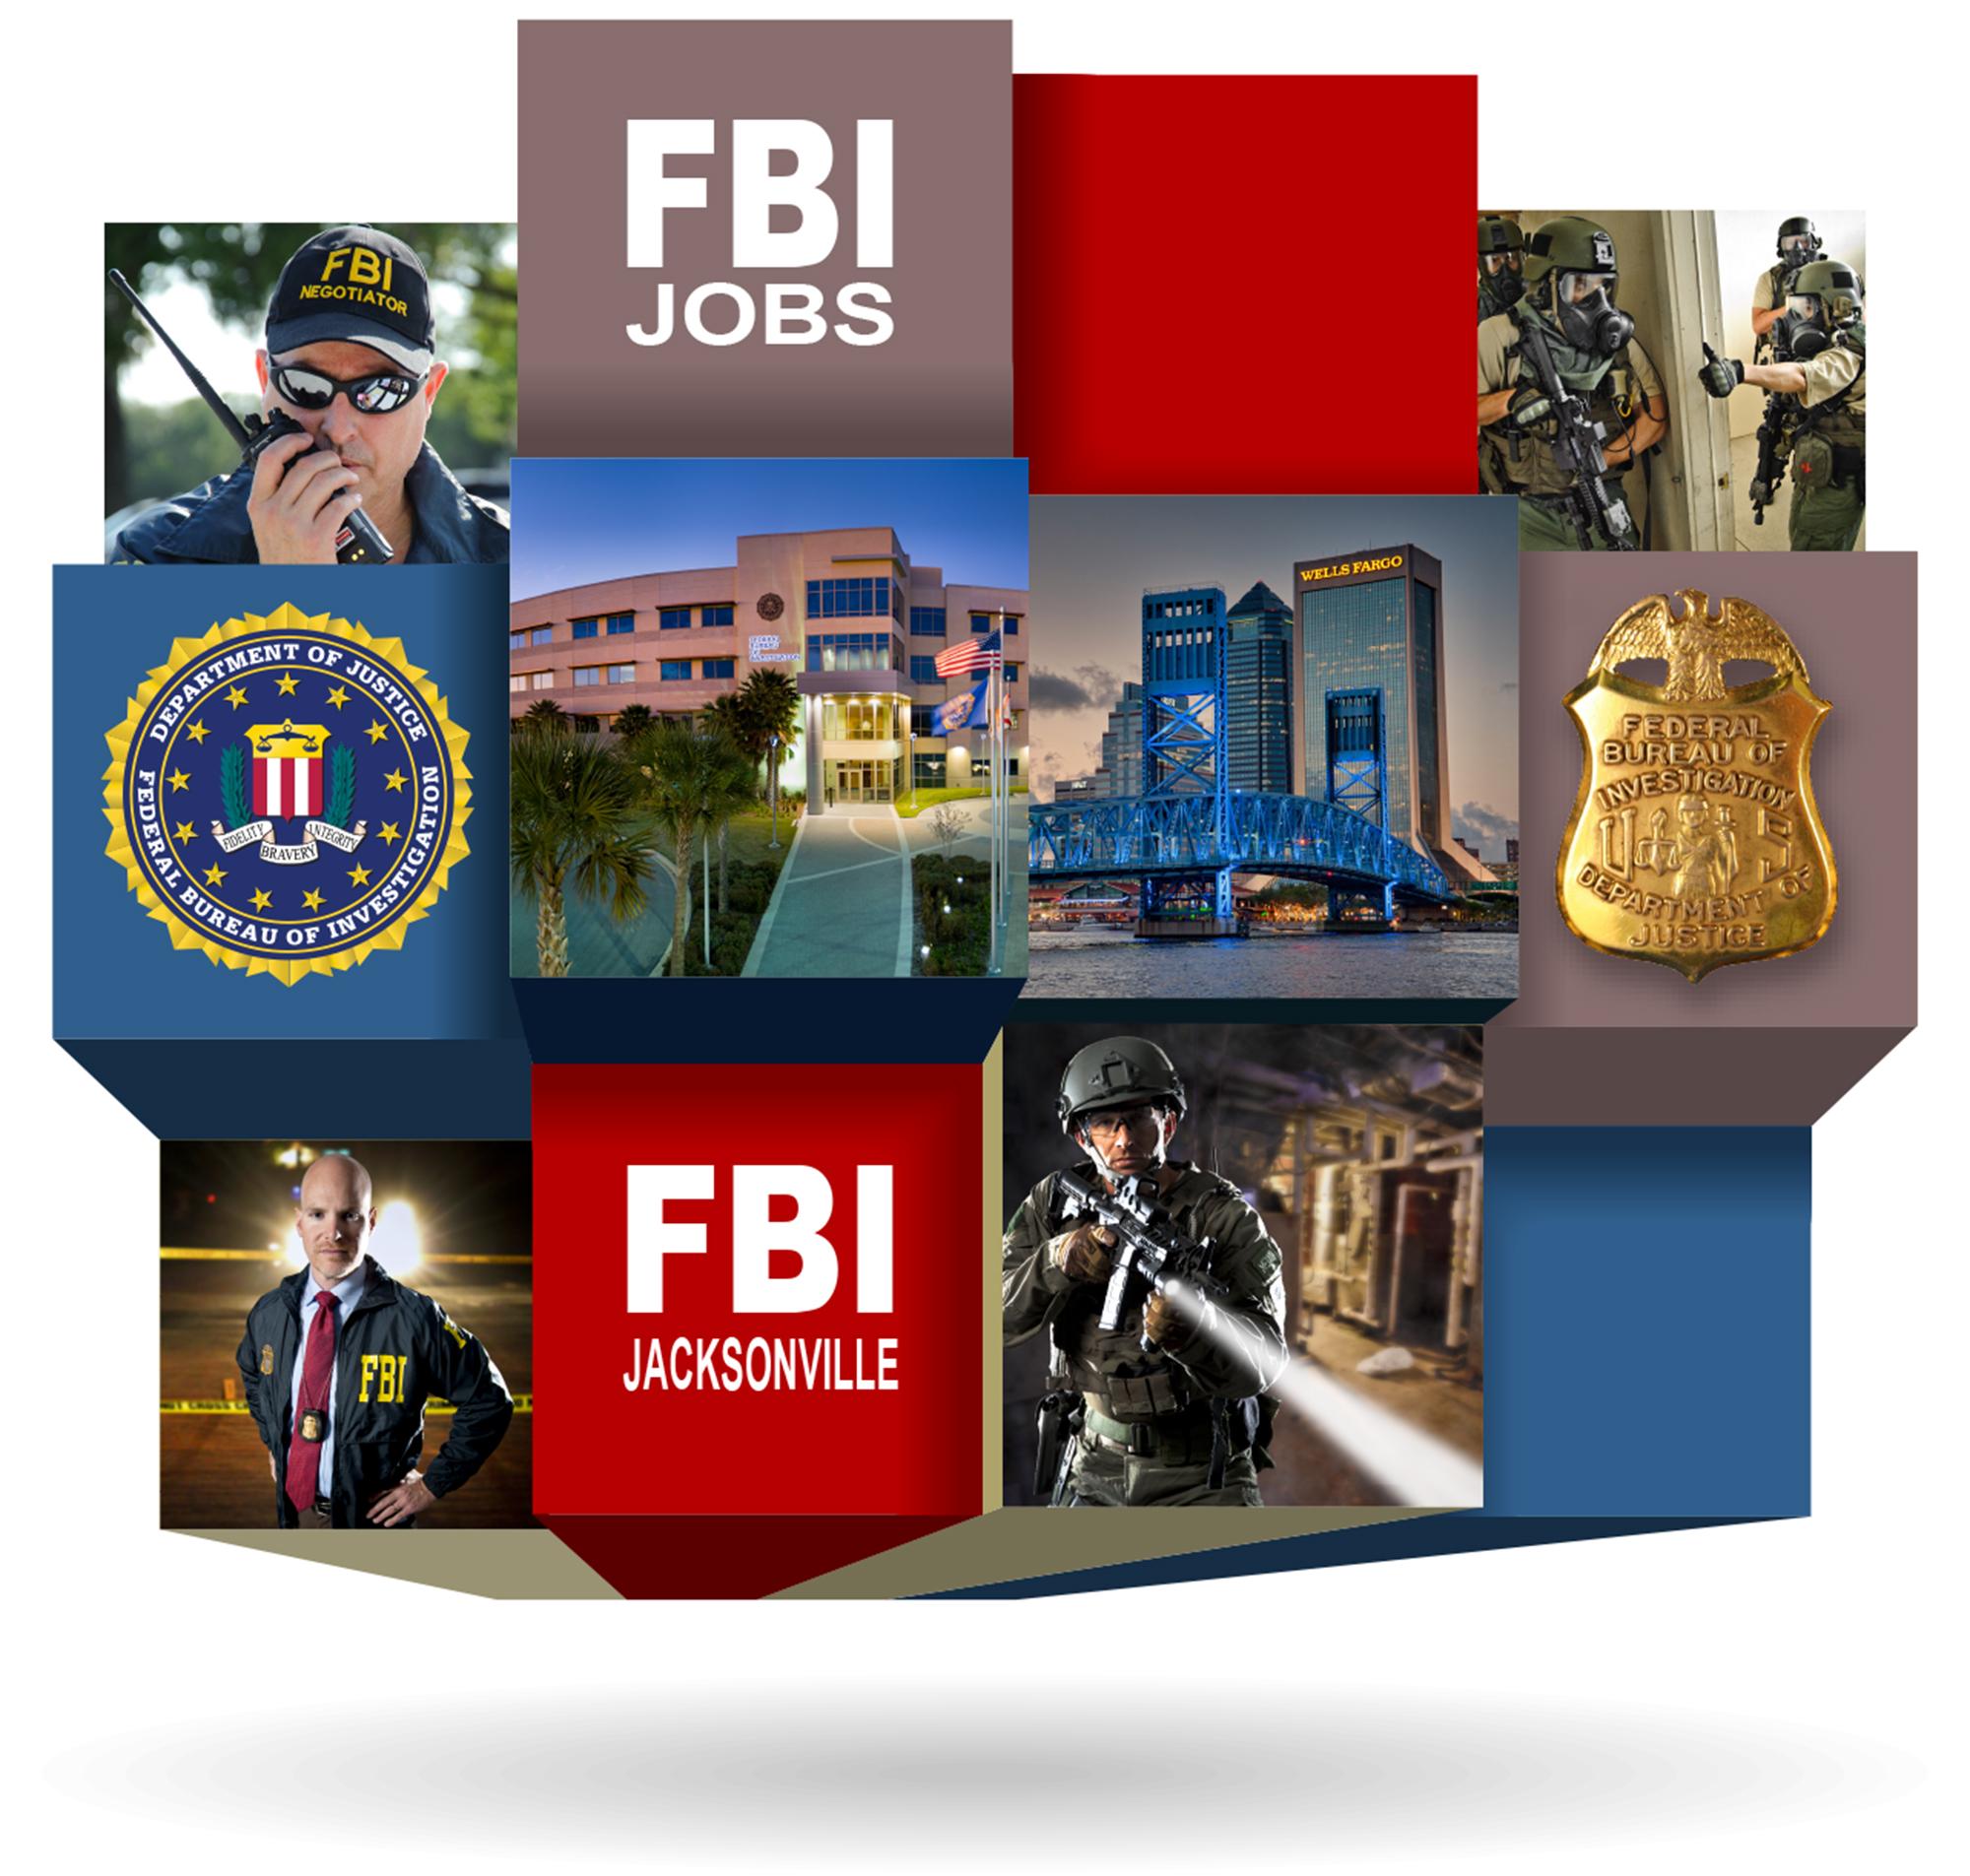 FBI Jacksonville recruitment graphic